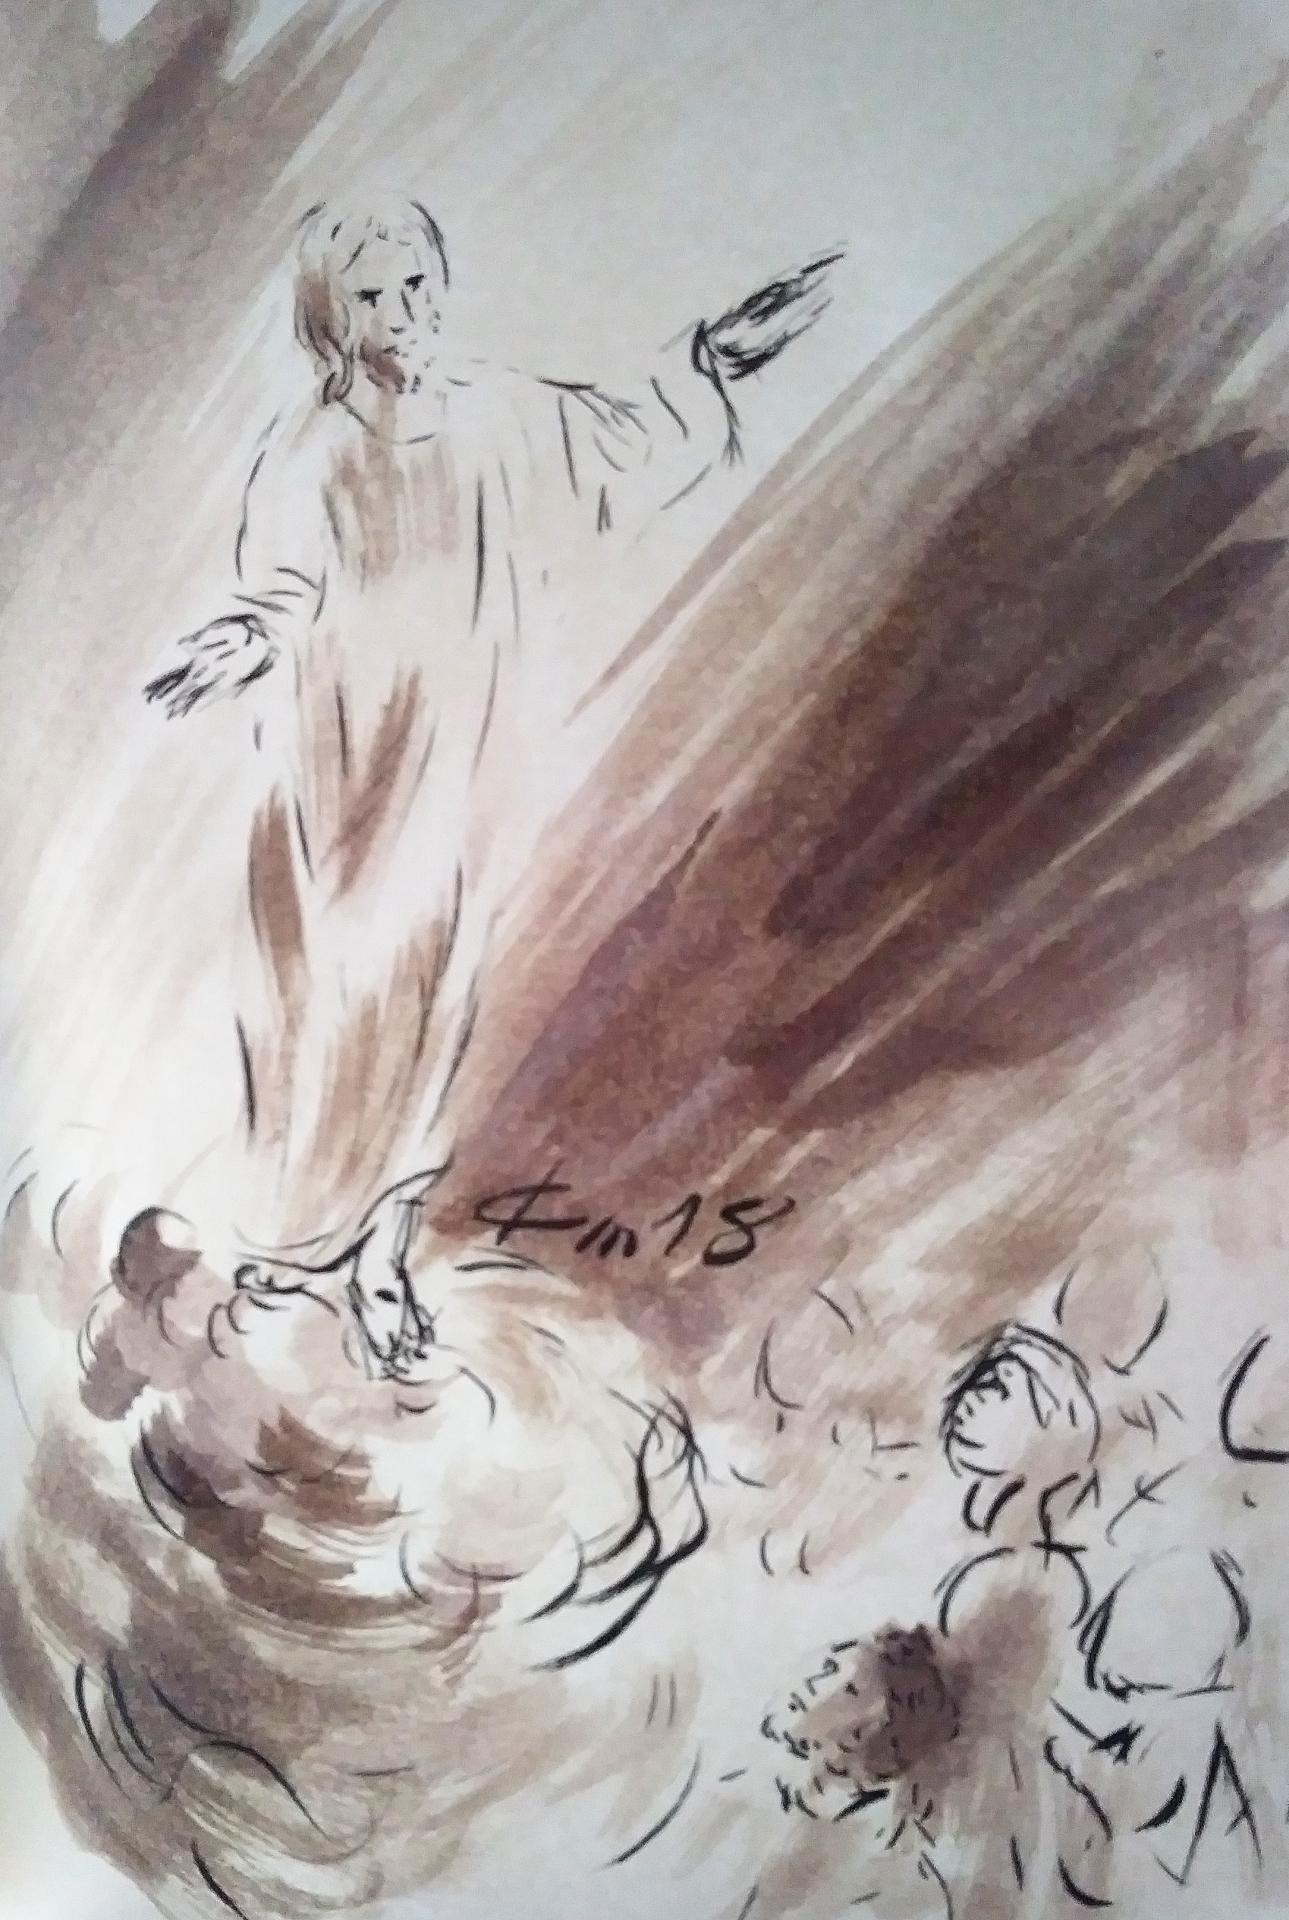 10 Mai 2018, évangile du jour illustré par un dessin au lavis